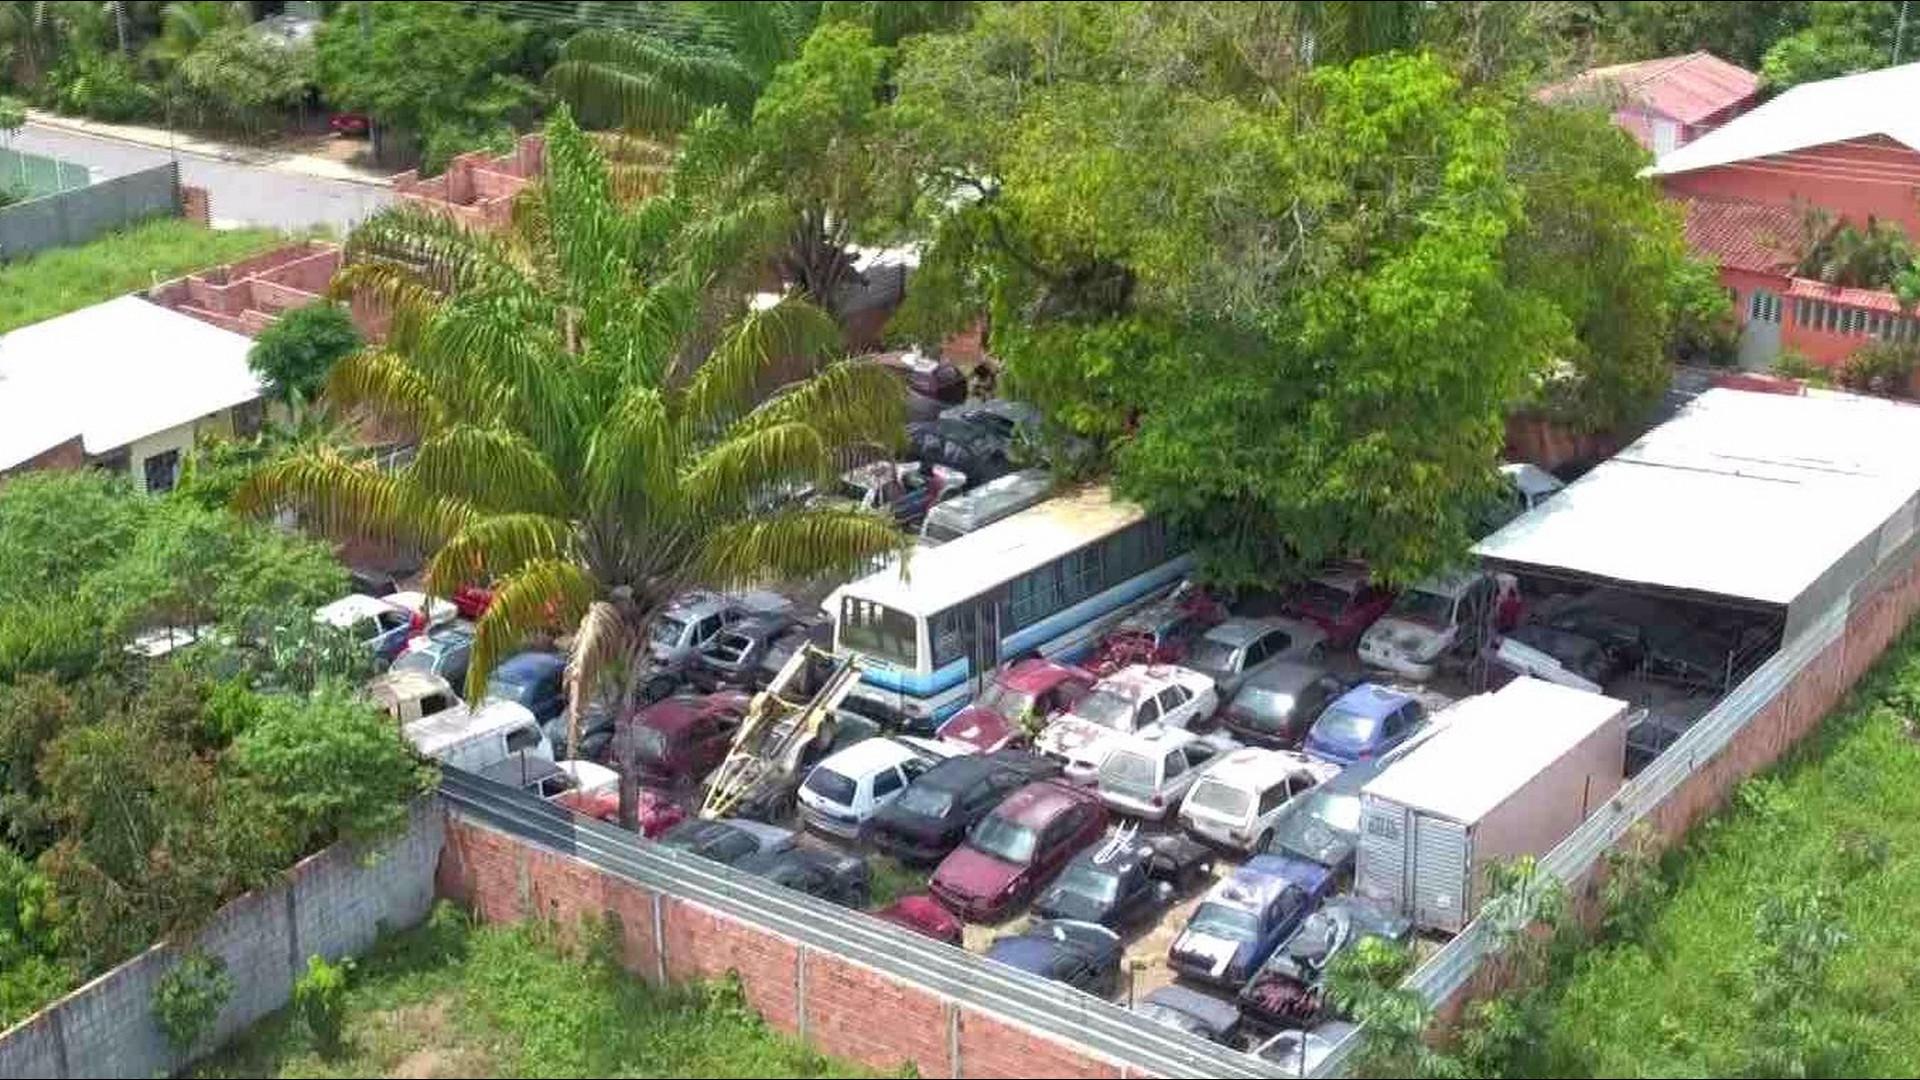 DENGUE: MORADORES DENUNCIAM CEMITÉRIO DE CARROS - Alô Amazonas - 19/10/17